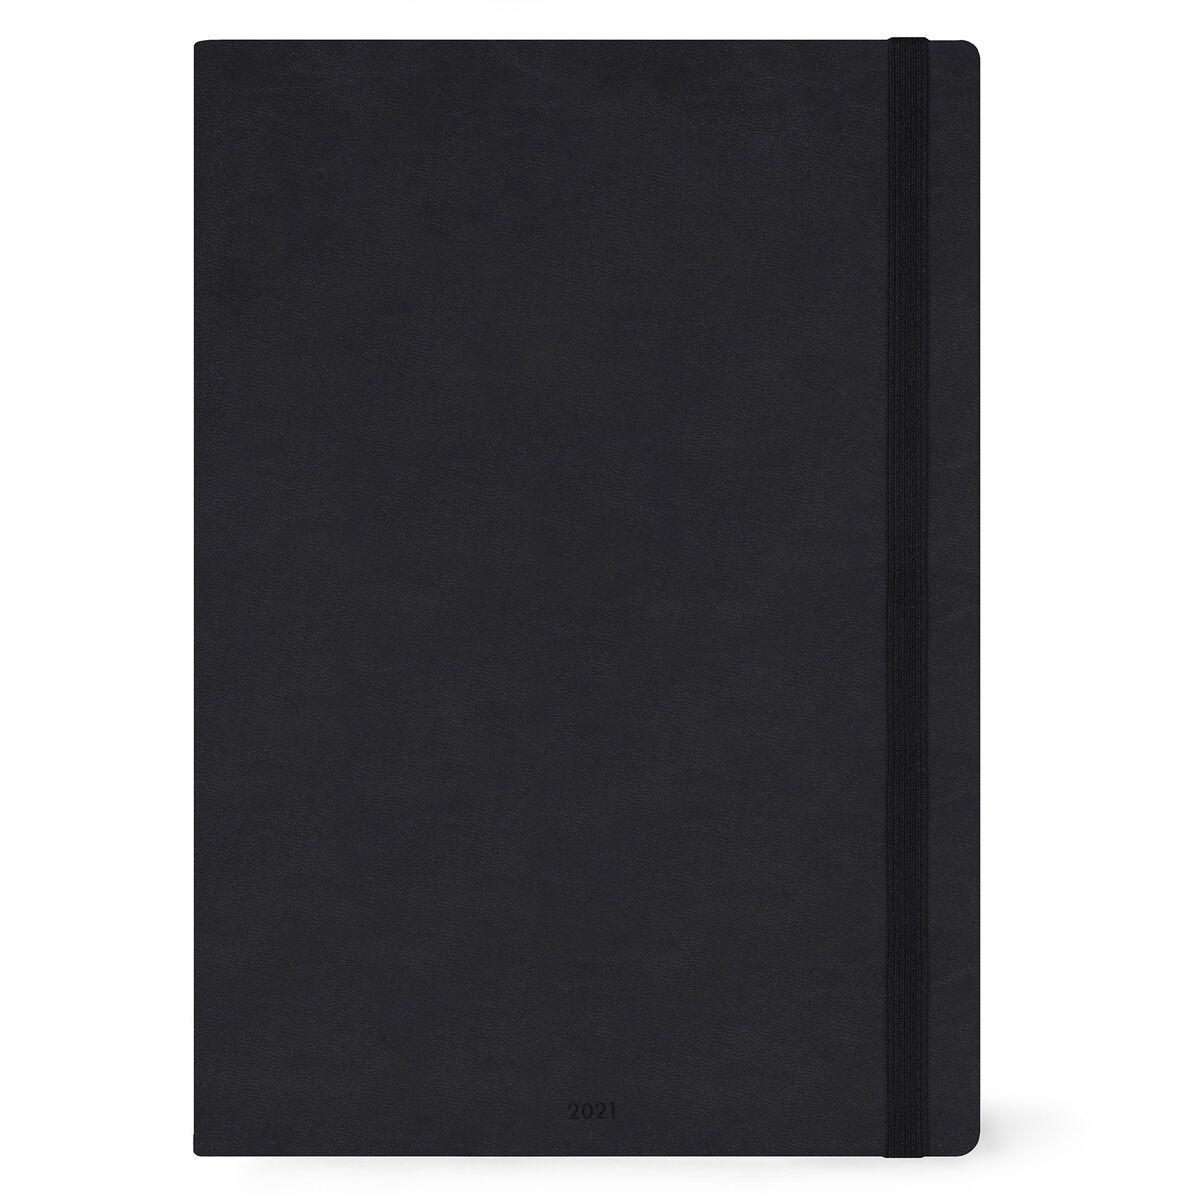 Legami 2021 Maxi Daily Diary Black Paper Republic